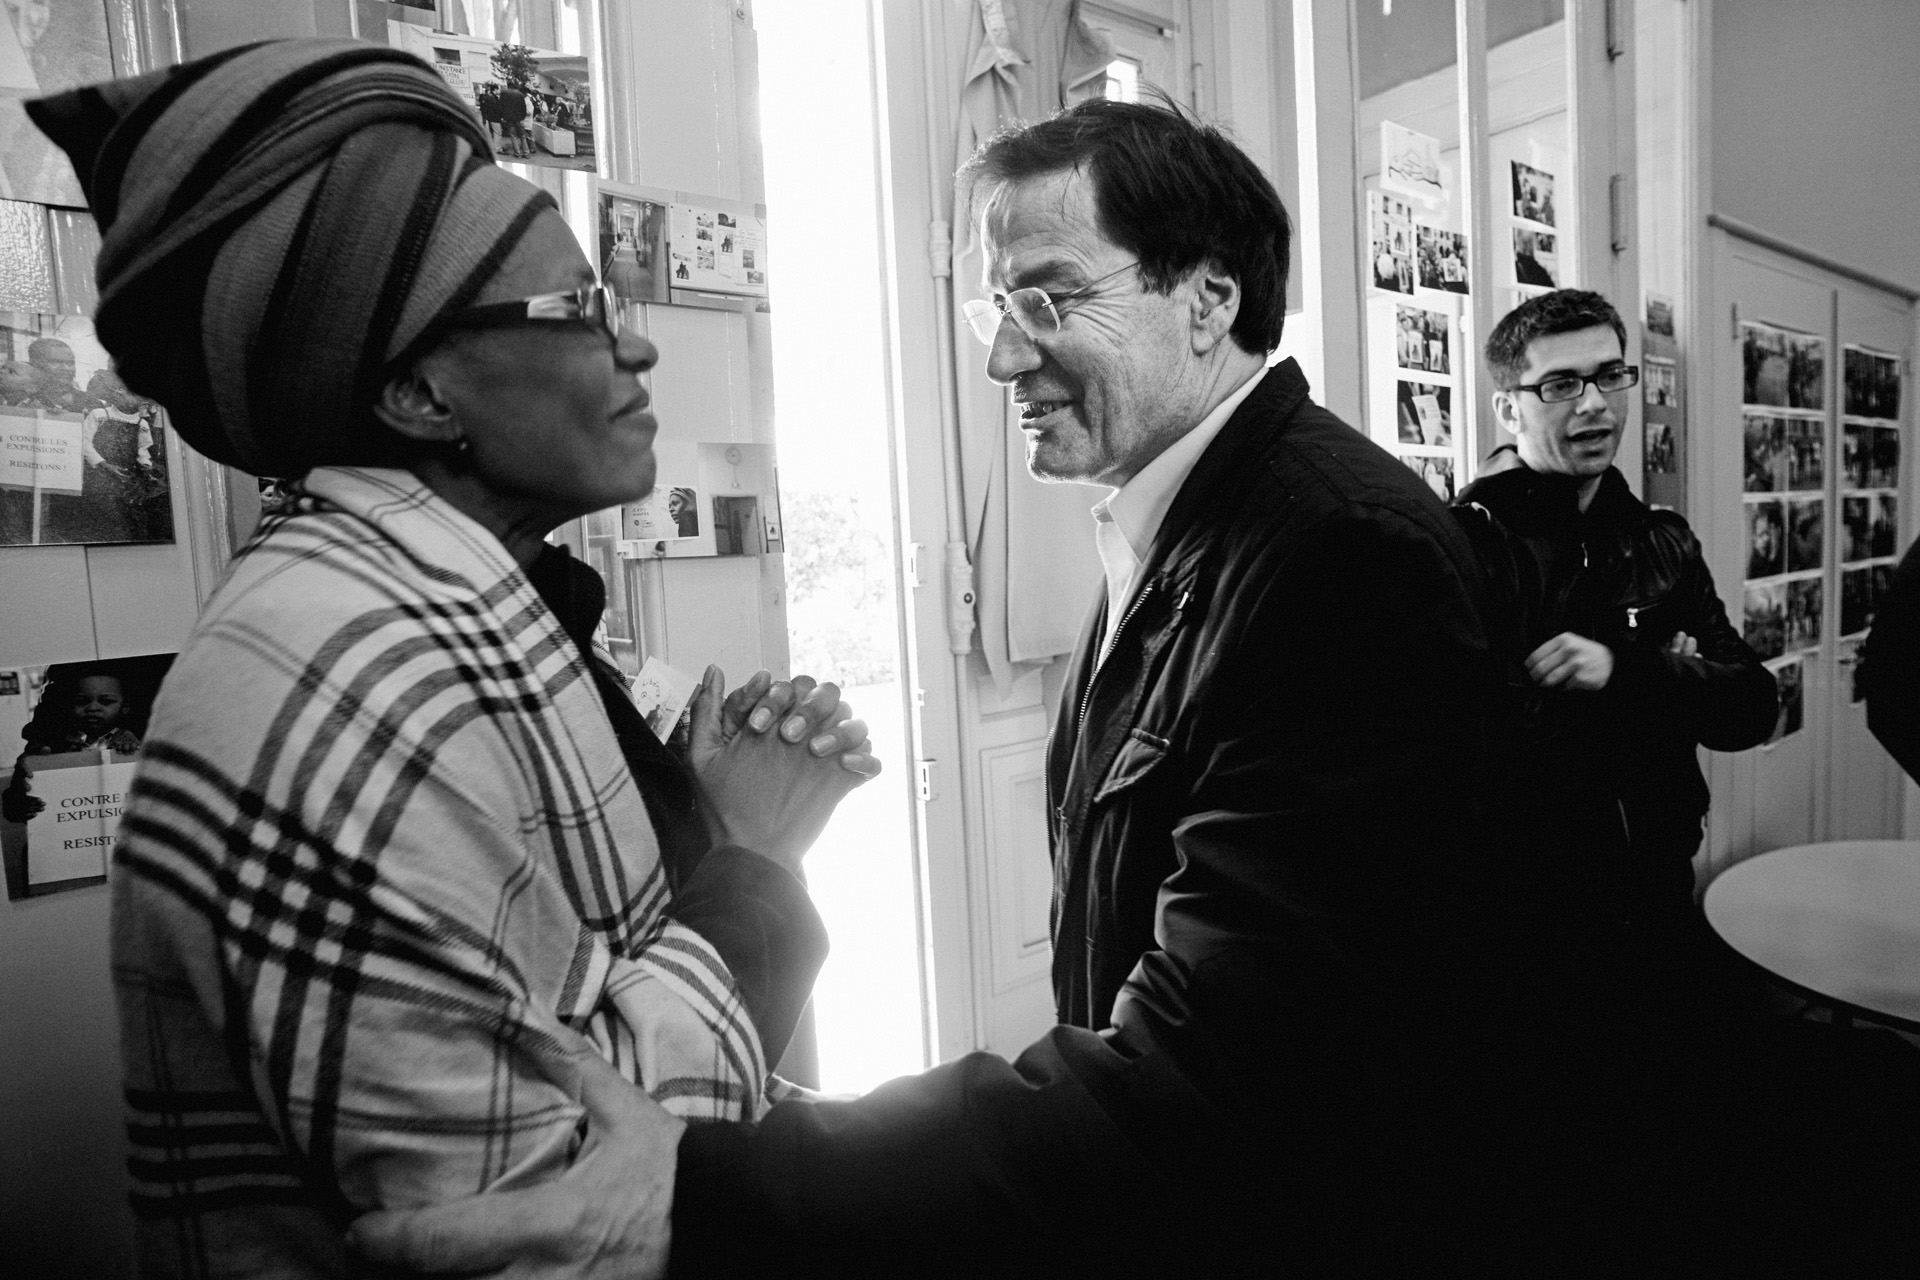 Lyon, le 2 avril 2010. Pierre-Alain Muet, député PS du Rhône, vient affirmer son soutien à Florence, la compagne de Guilherme. À plusieurs reprises, il interpellera le préfet sur le dossier, et en fera de même avec Éric Besson, ministre de l'Immigration.